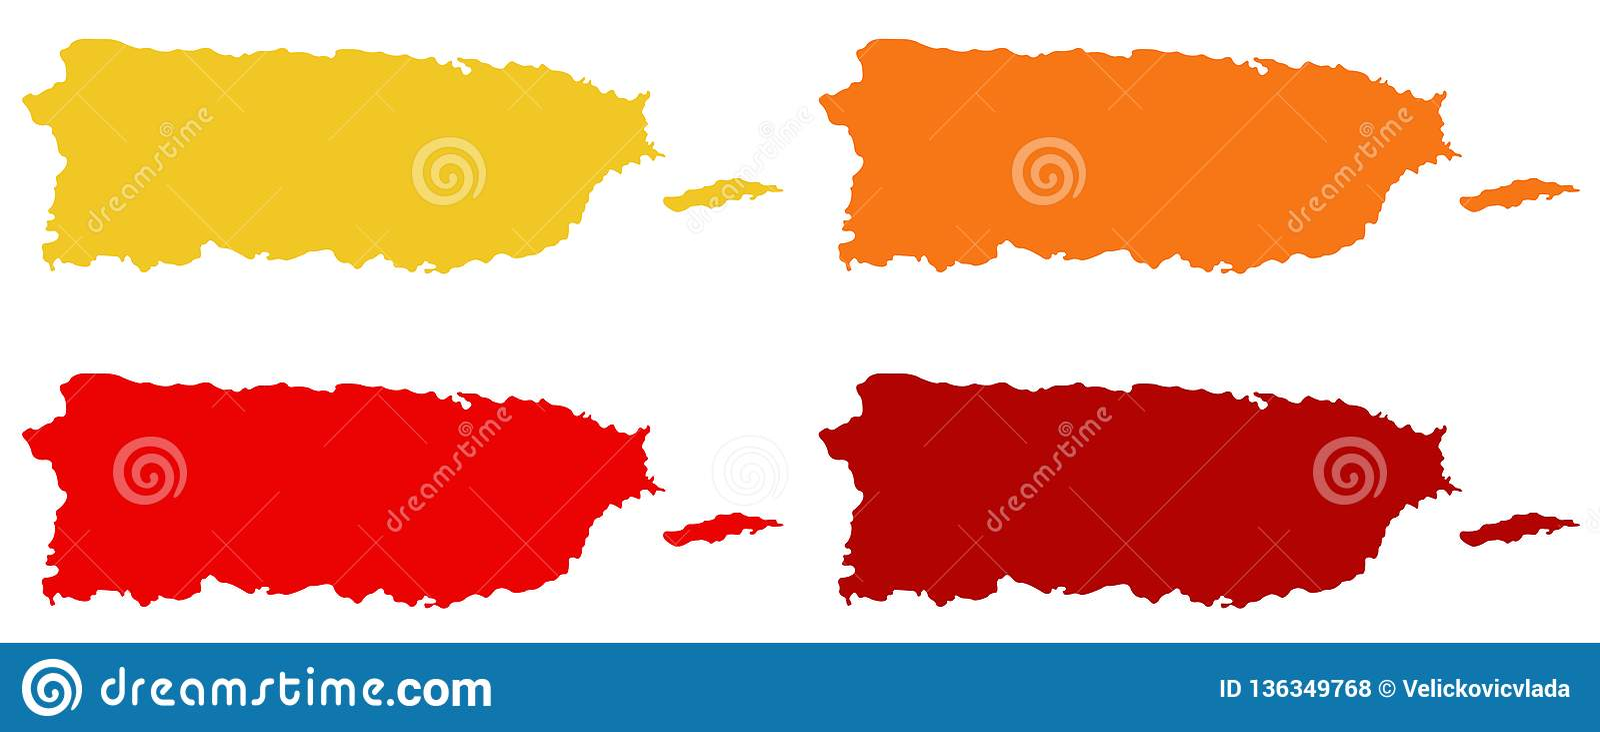 Carte de Puerto Rico - Commonwealth de Puerto Rico